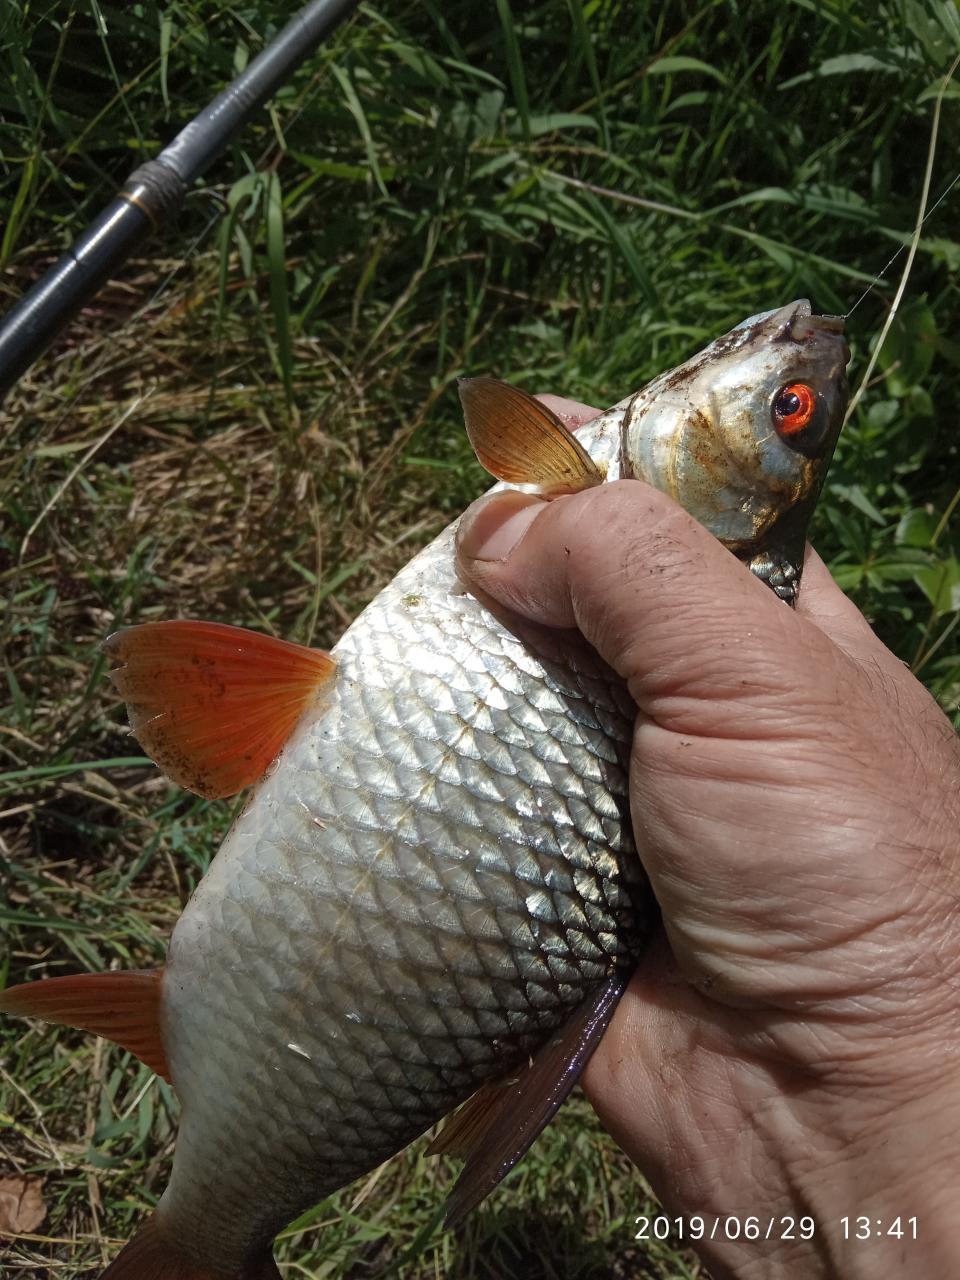 Вчера утром проспал линевую рыбалку, проснулся за полчаса ...   Отчеты о рыбалке в Беларуси